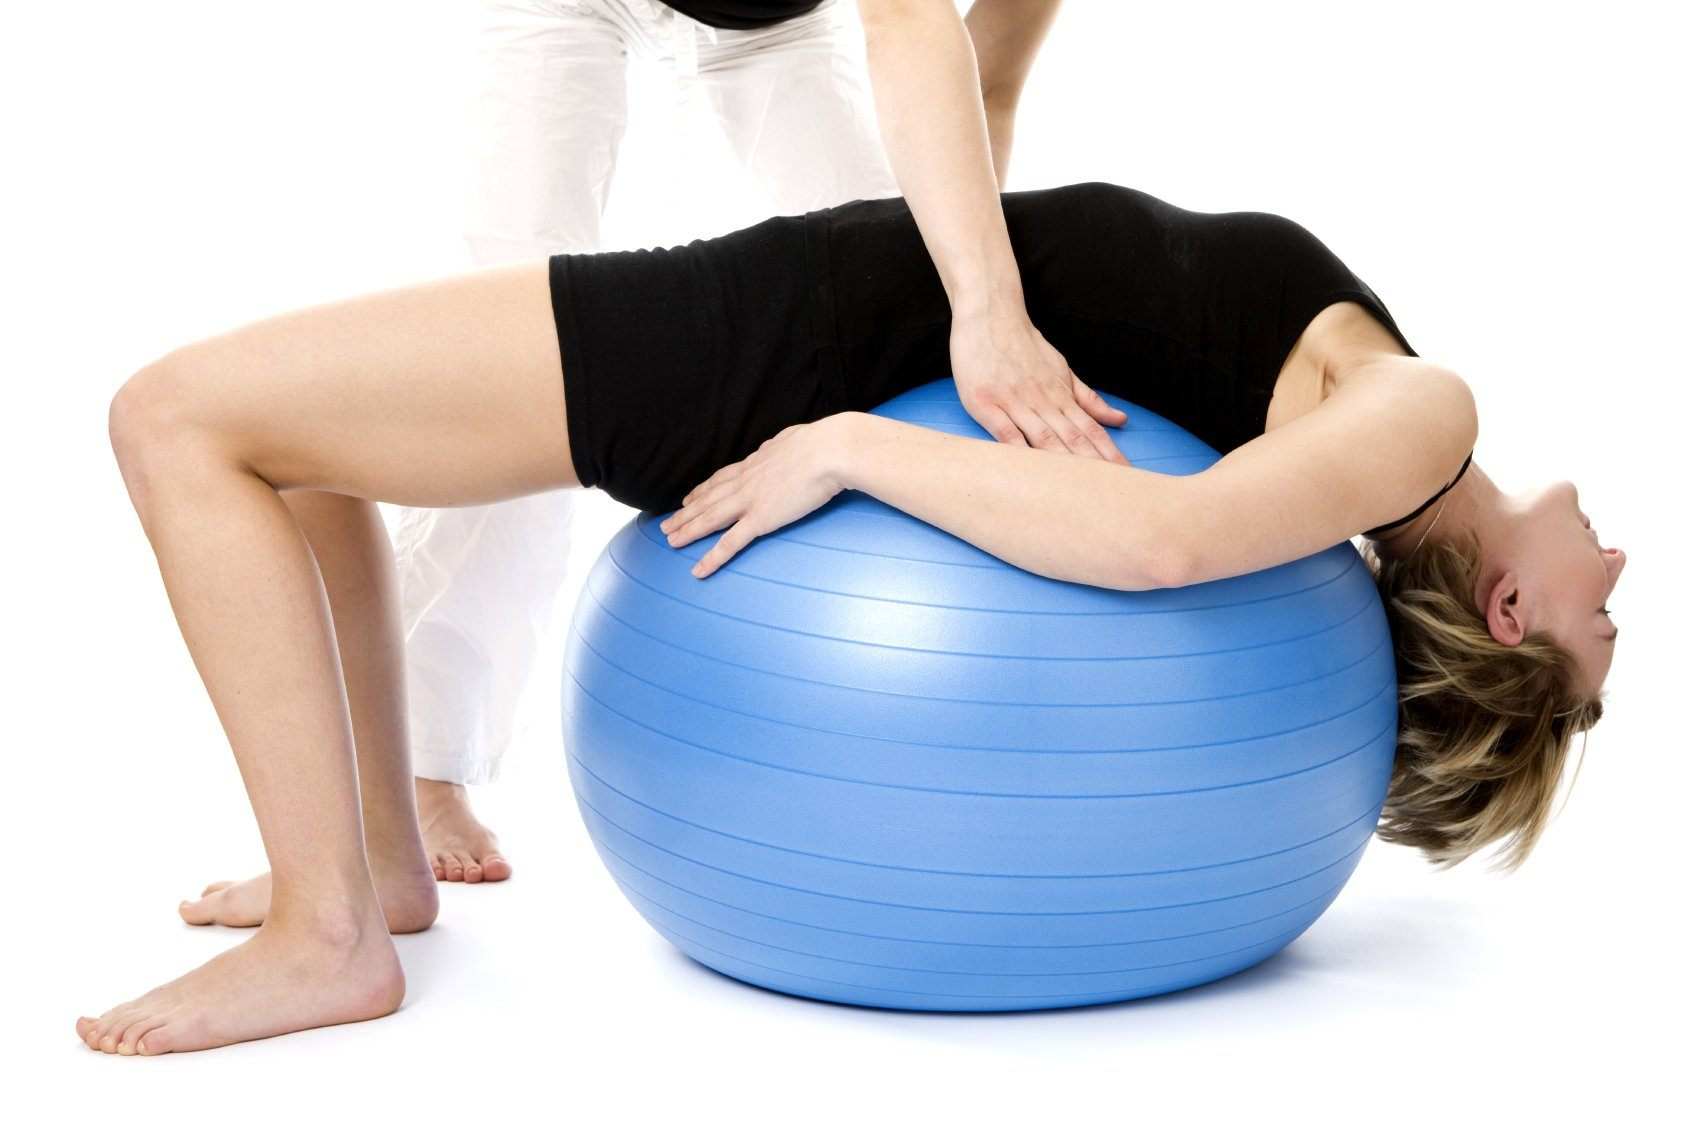 рис8 пояснично-крестцовая грыжа - упражнение на шаре